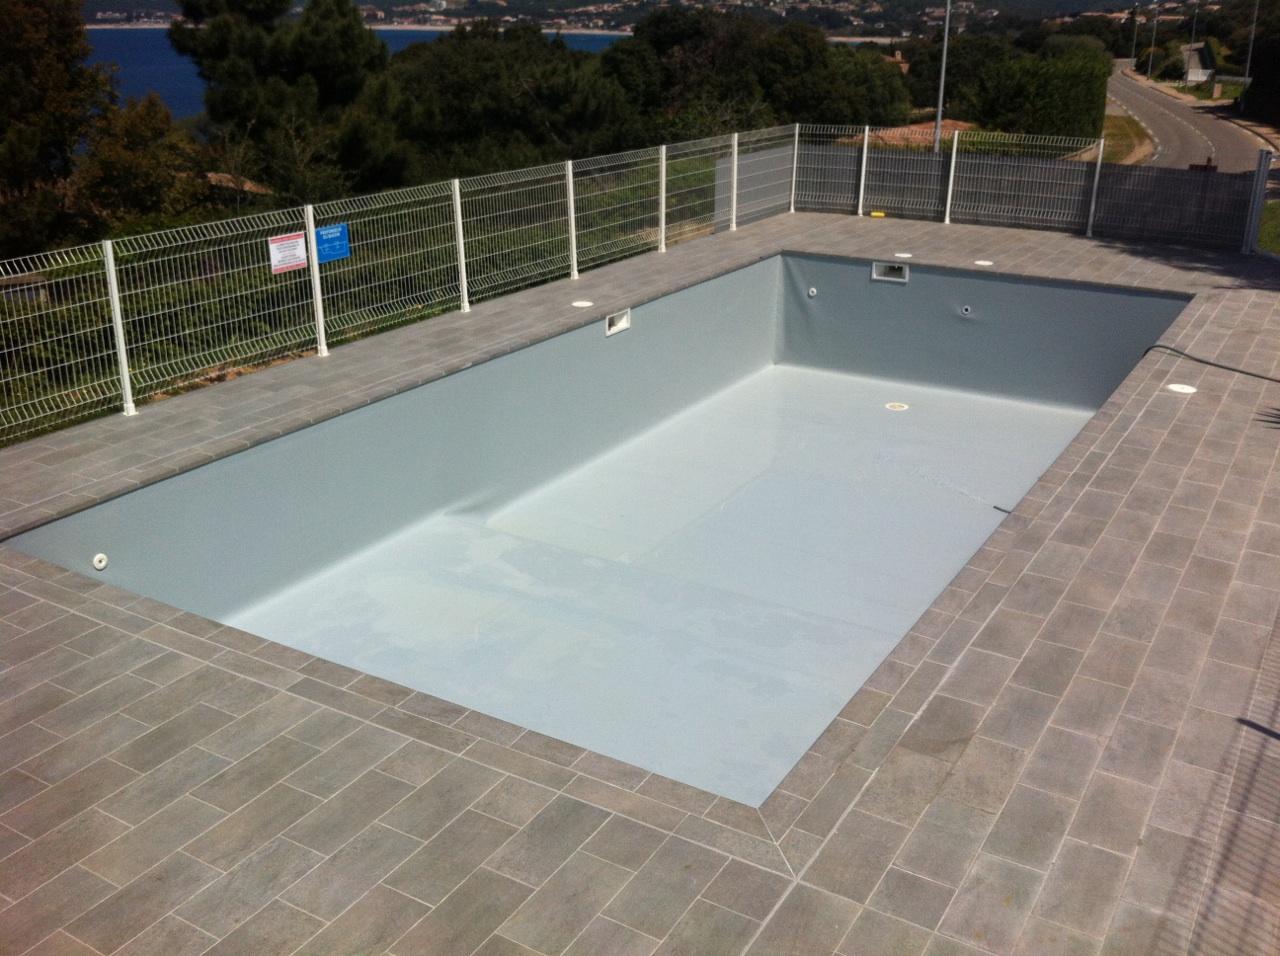 Le nettoyage complet de votre bassin eric piscines for Nettoyage piscine